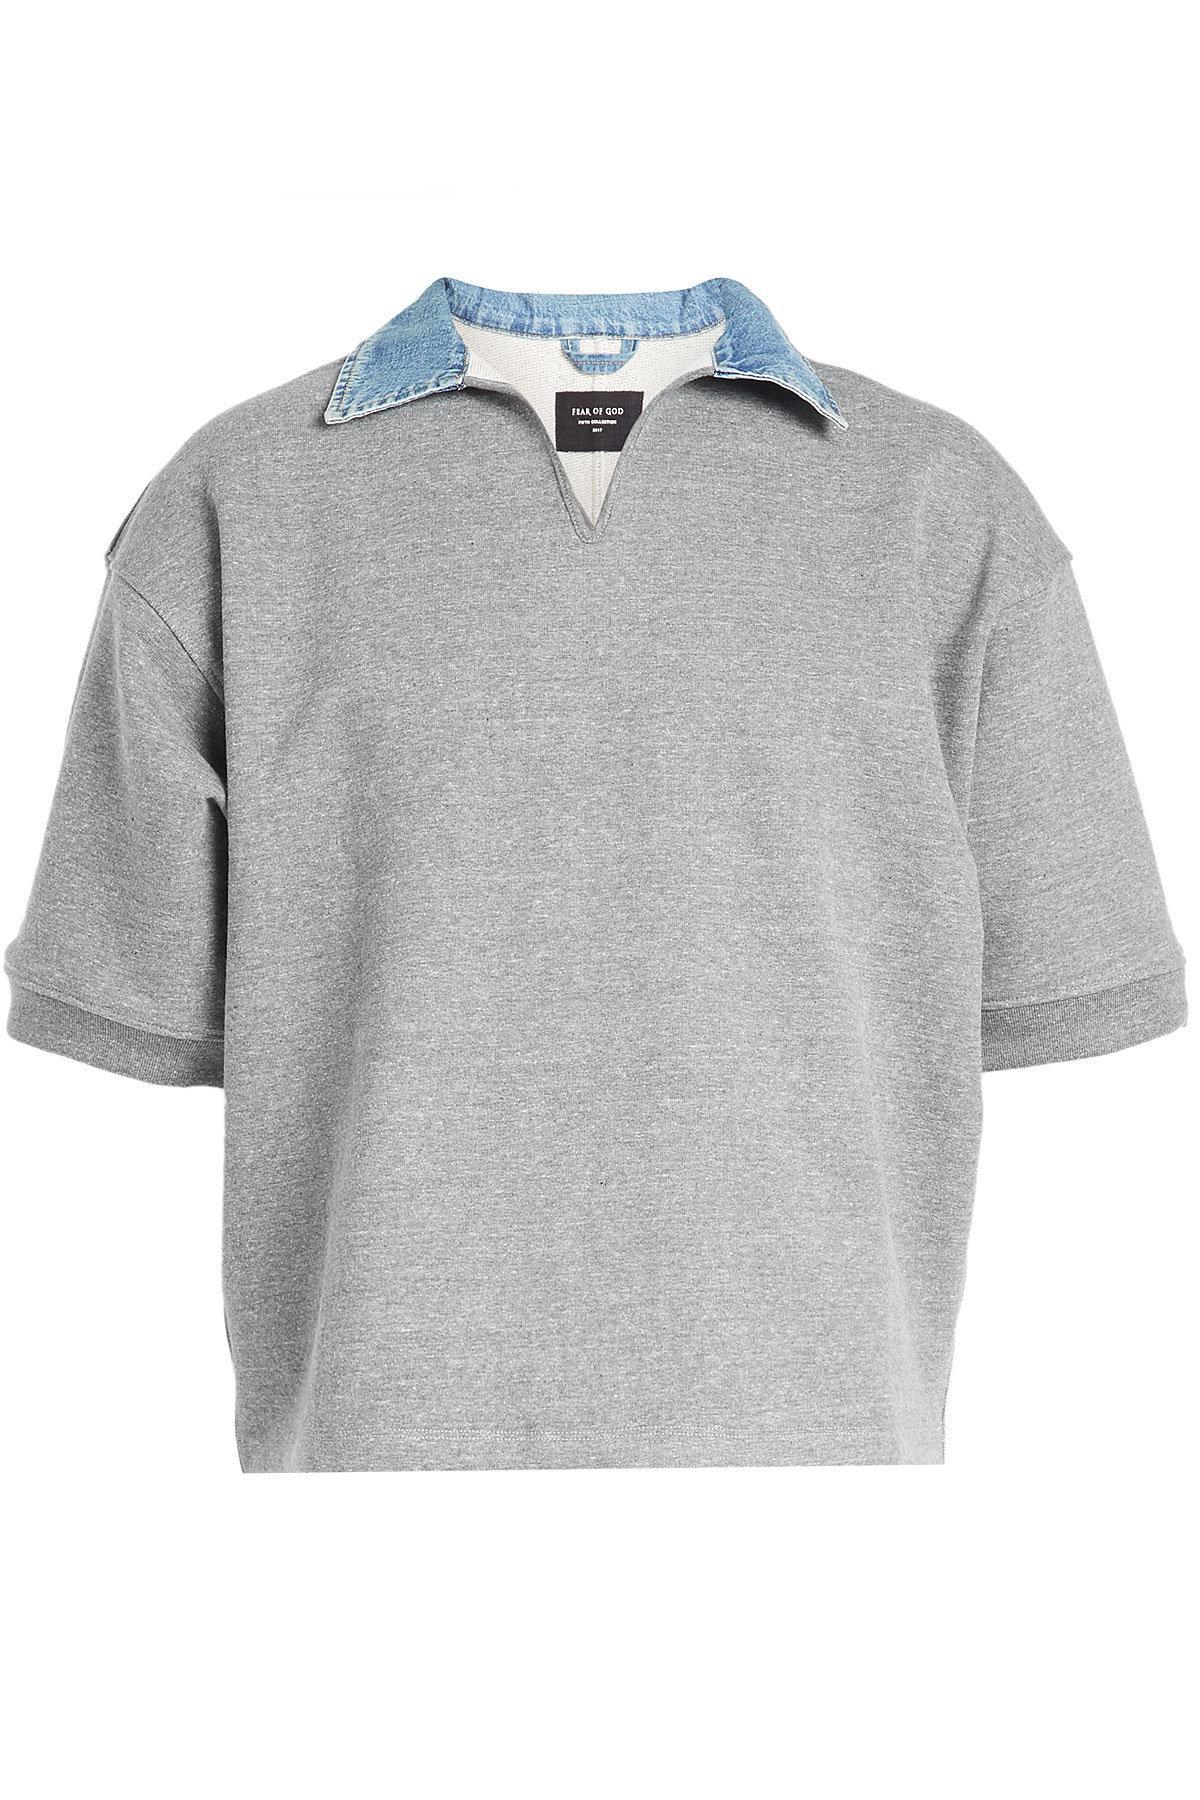 Fear Of God Denim Collar Sweatshirt With Cotton In Grey